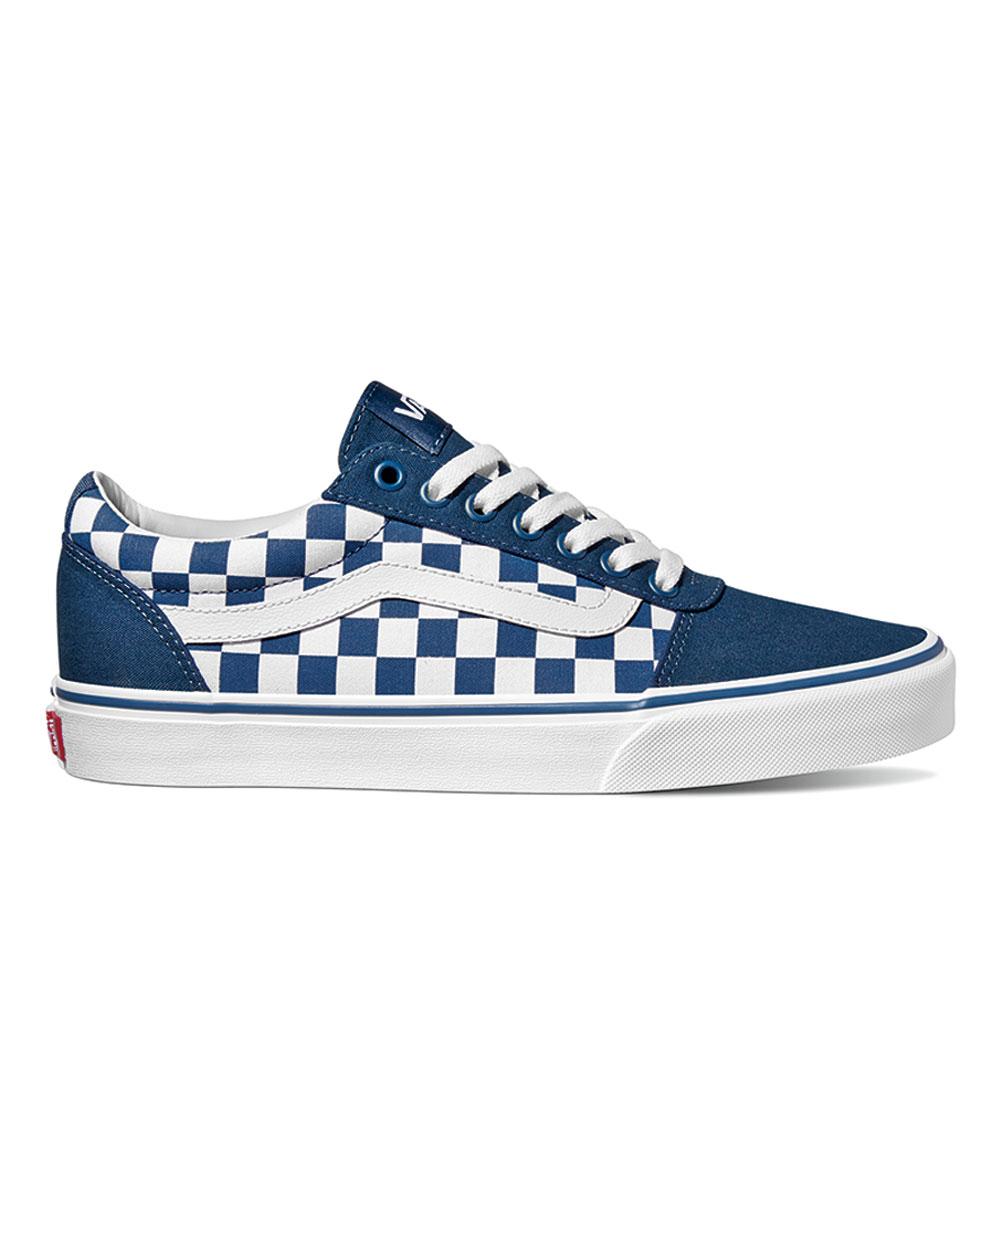 Vans Ward Checkerboard (sailor blue